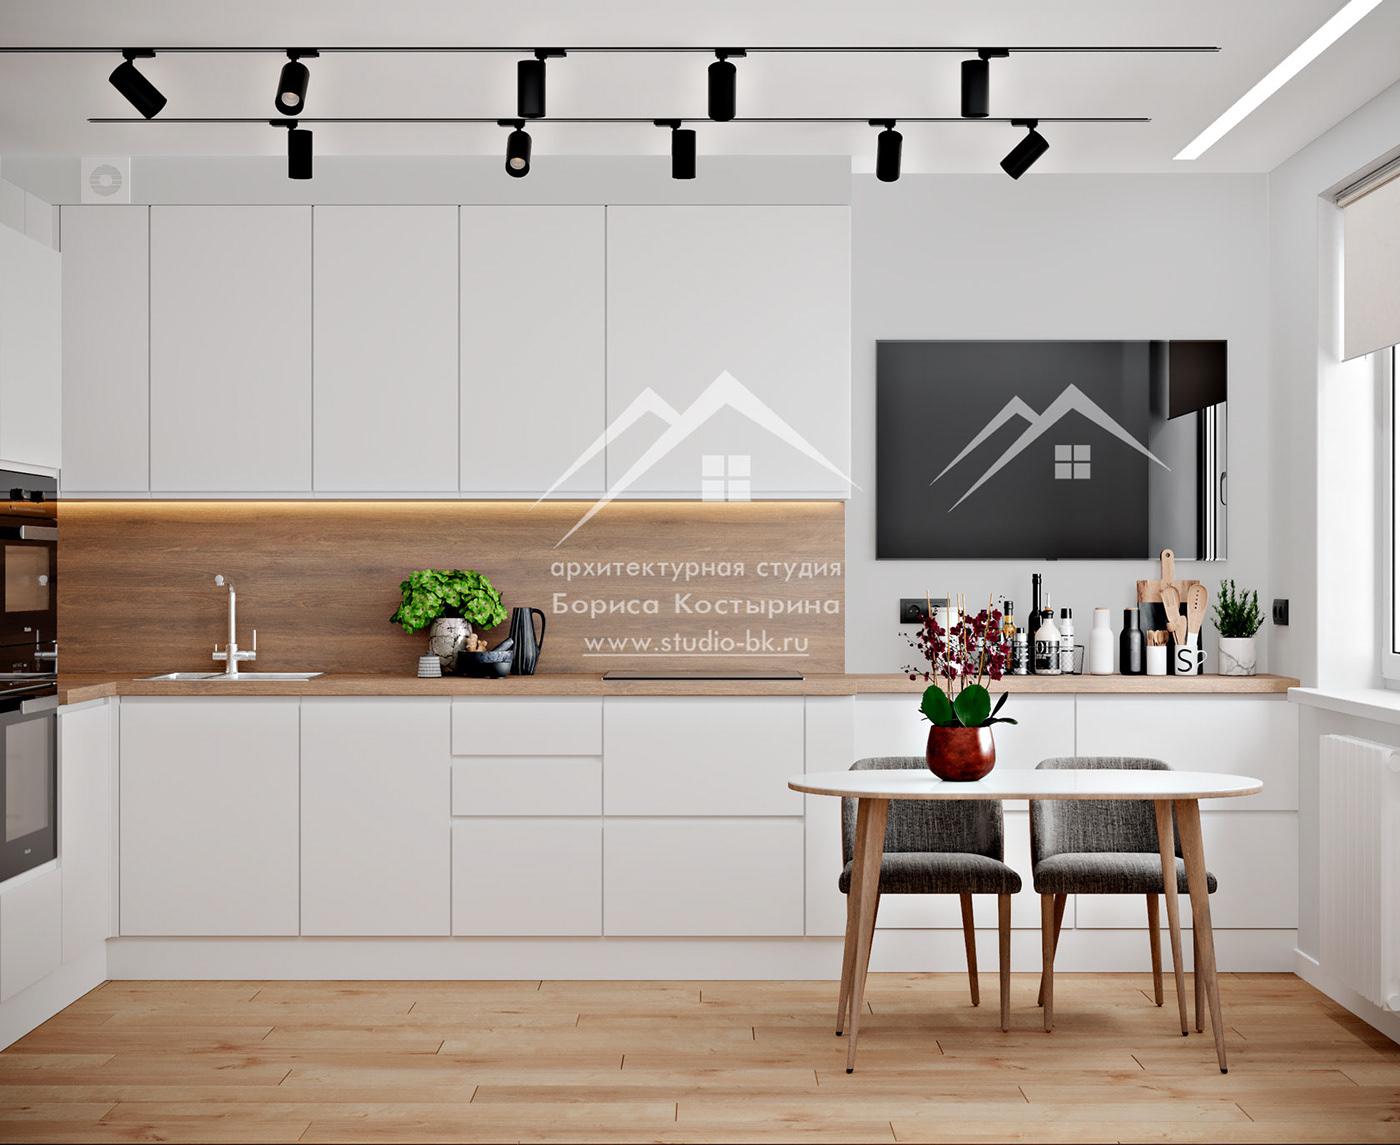 деревянная столешница дизайн интерьера кухни интерьер кухни кухня в современном стиле Проект кухни